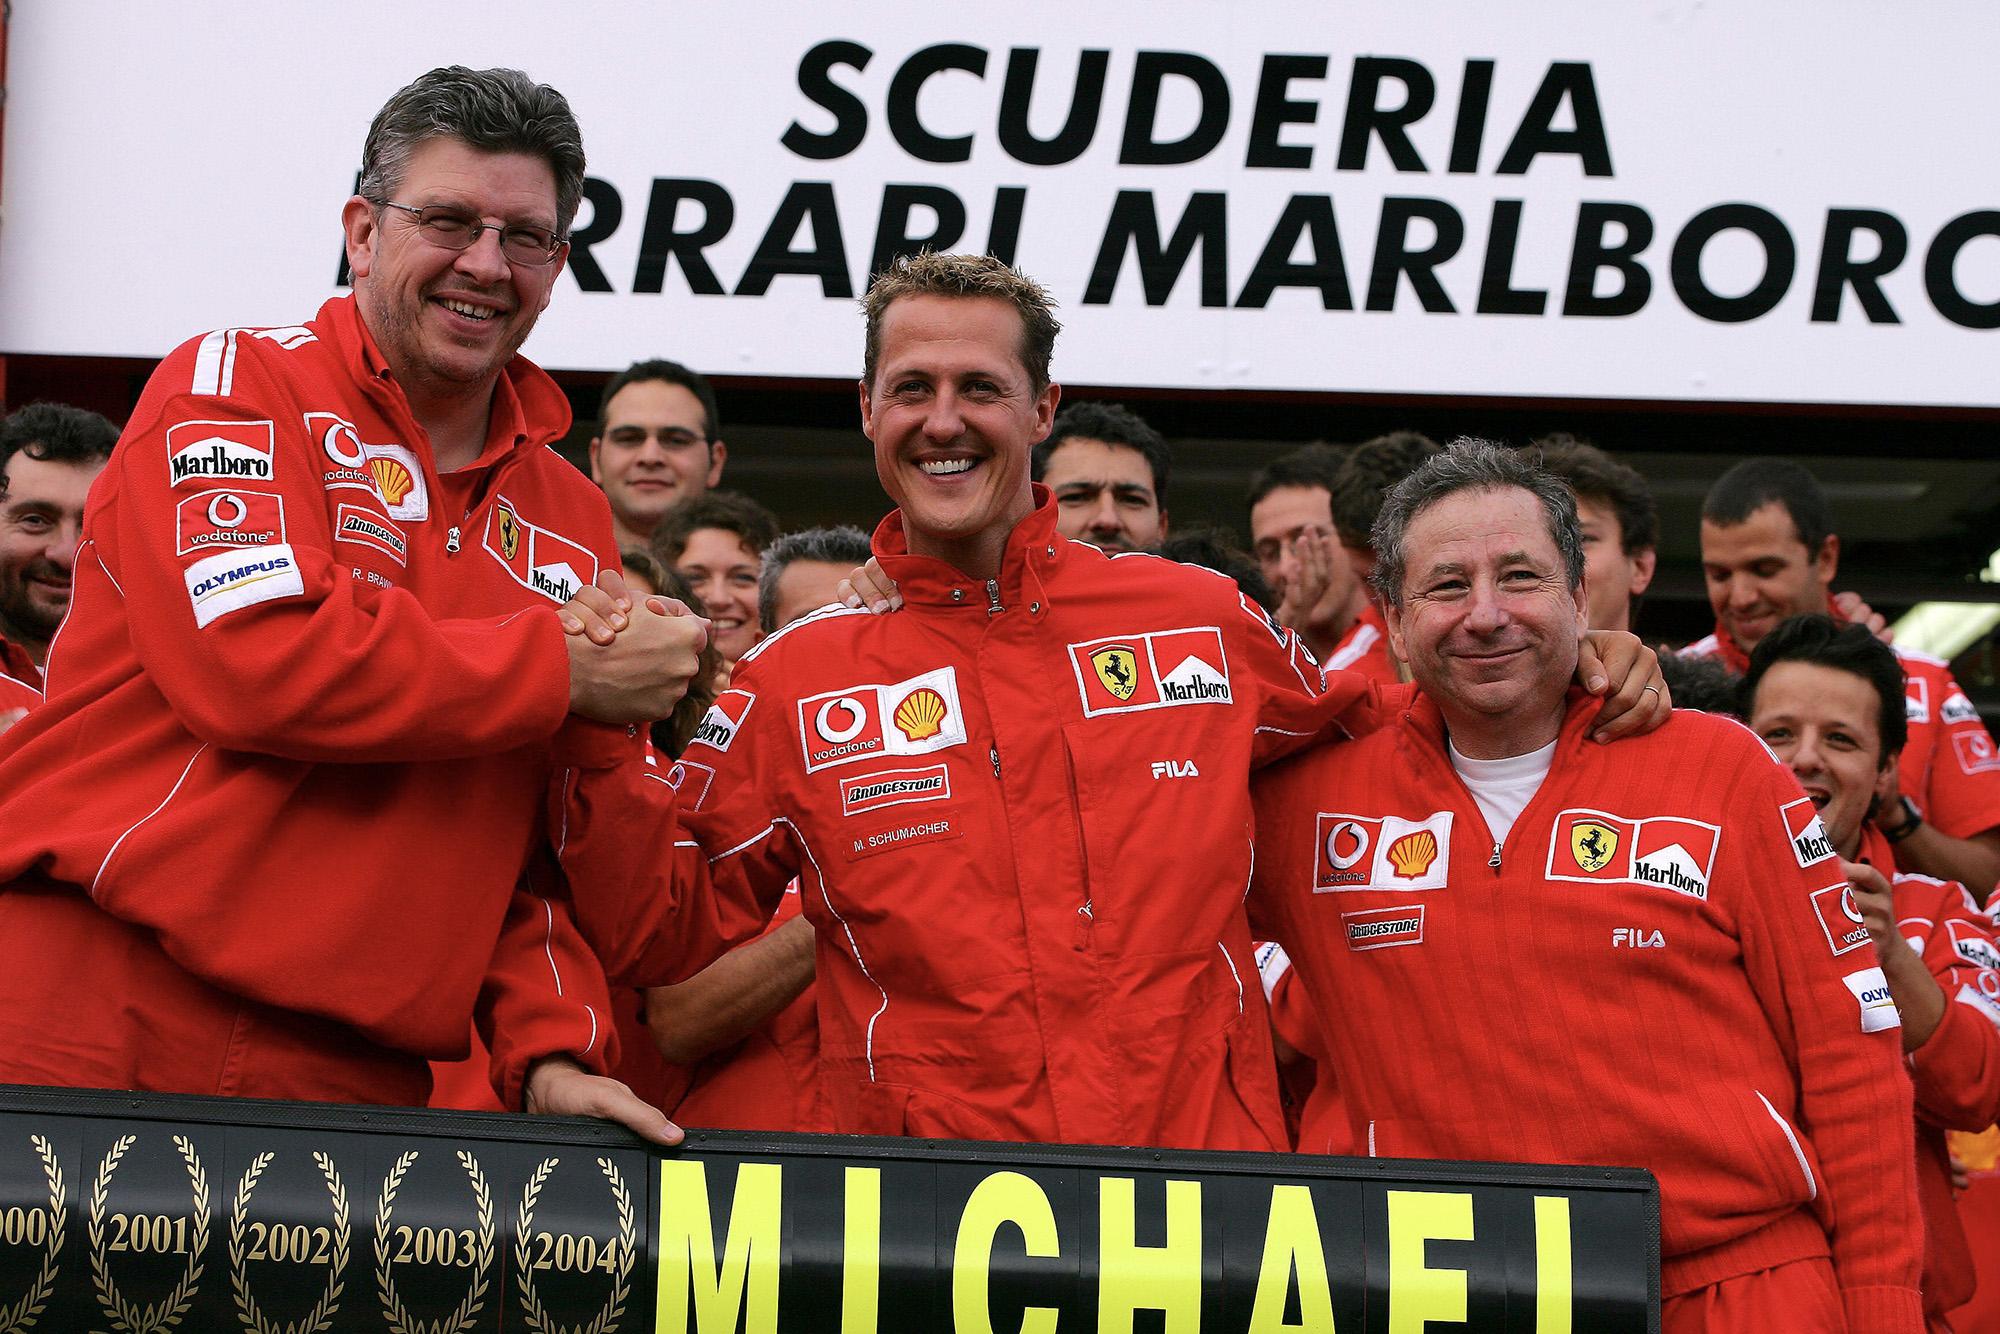 Brawn Schumacher and Todt